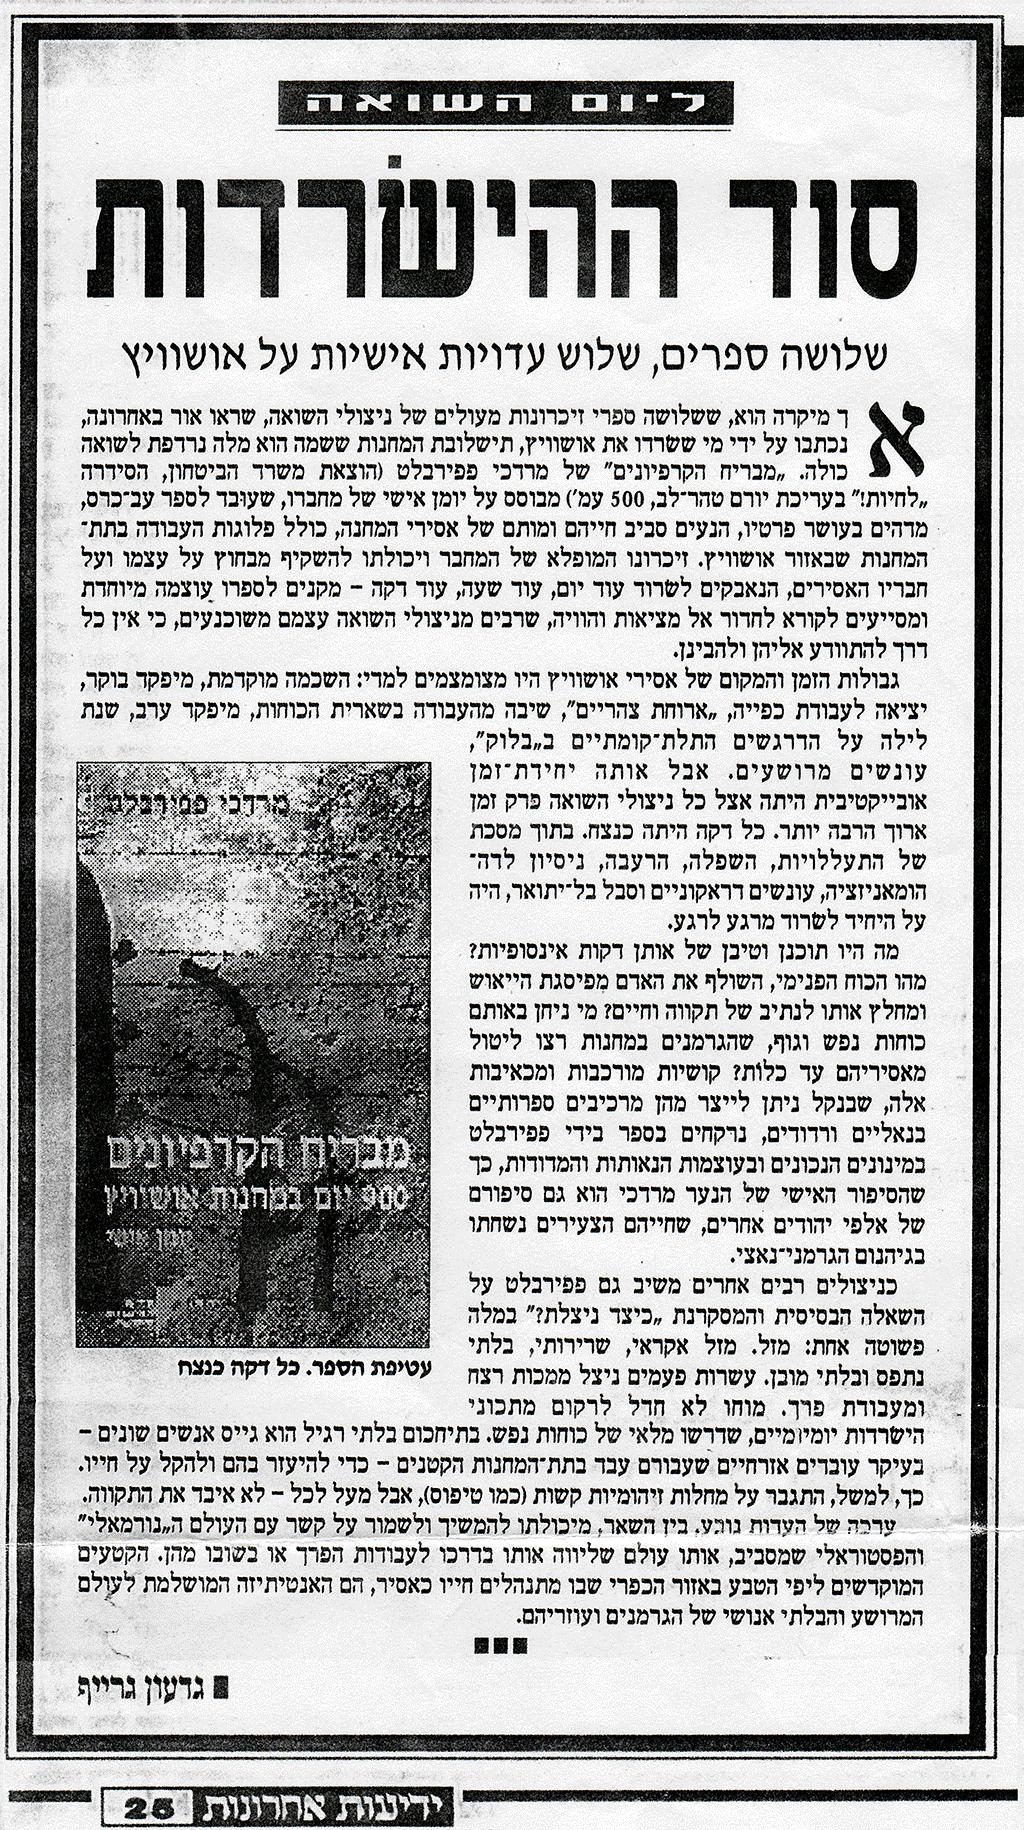 ספרים על השואה - ידיעות אחרונות